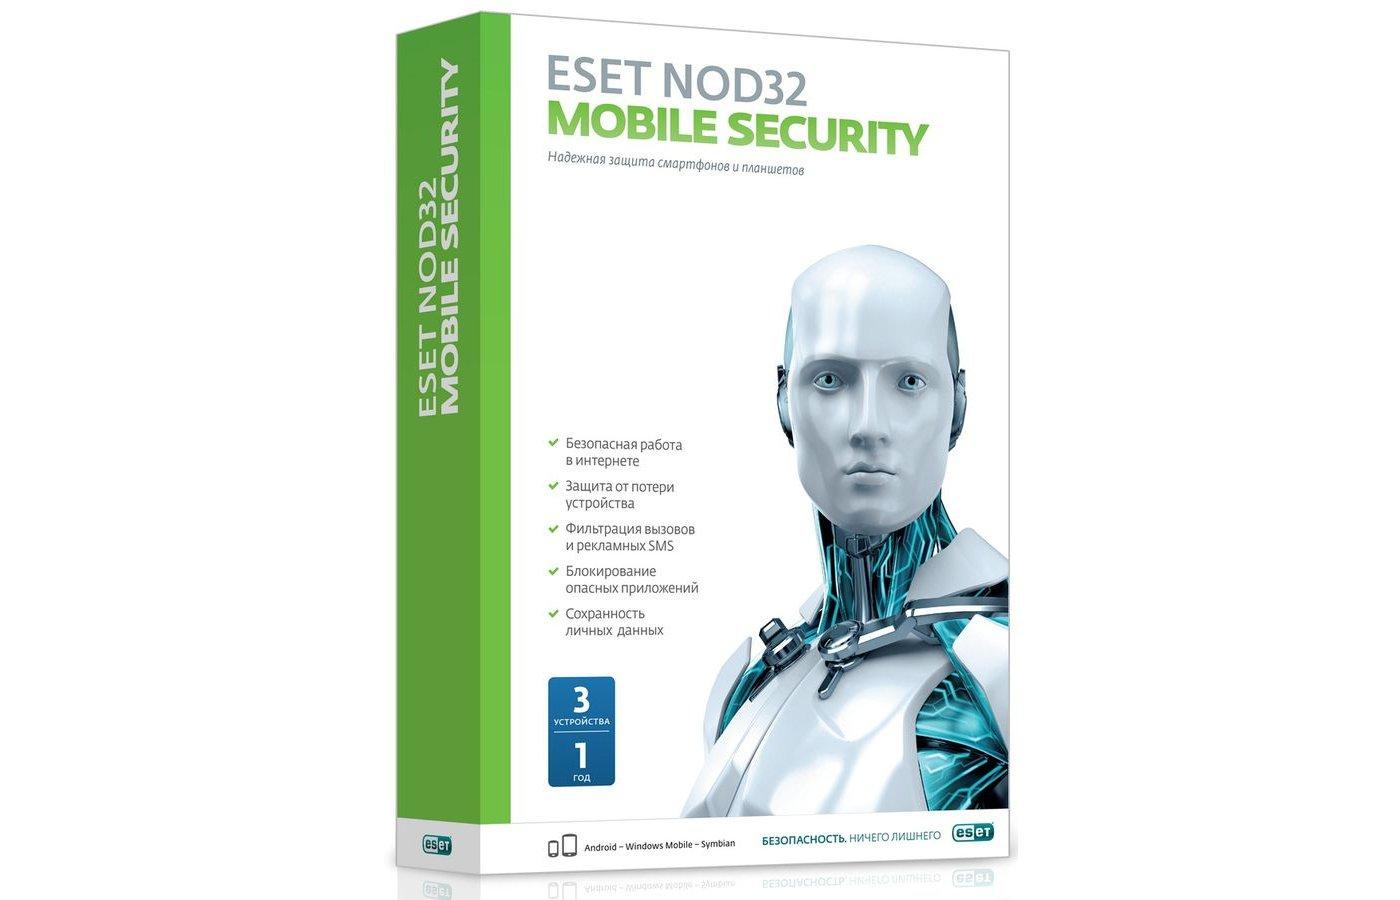 Компьютерное ПО Eset NOD32 Mobile Security 3ПК/1 год (12мес) (NOD32-ENM2-NS(BOX)-1-1 )